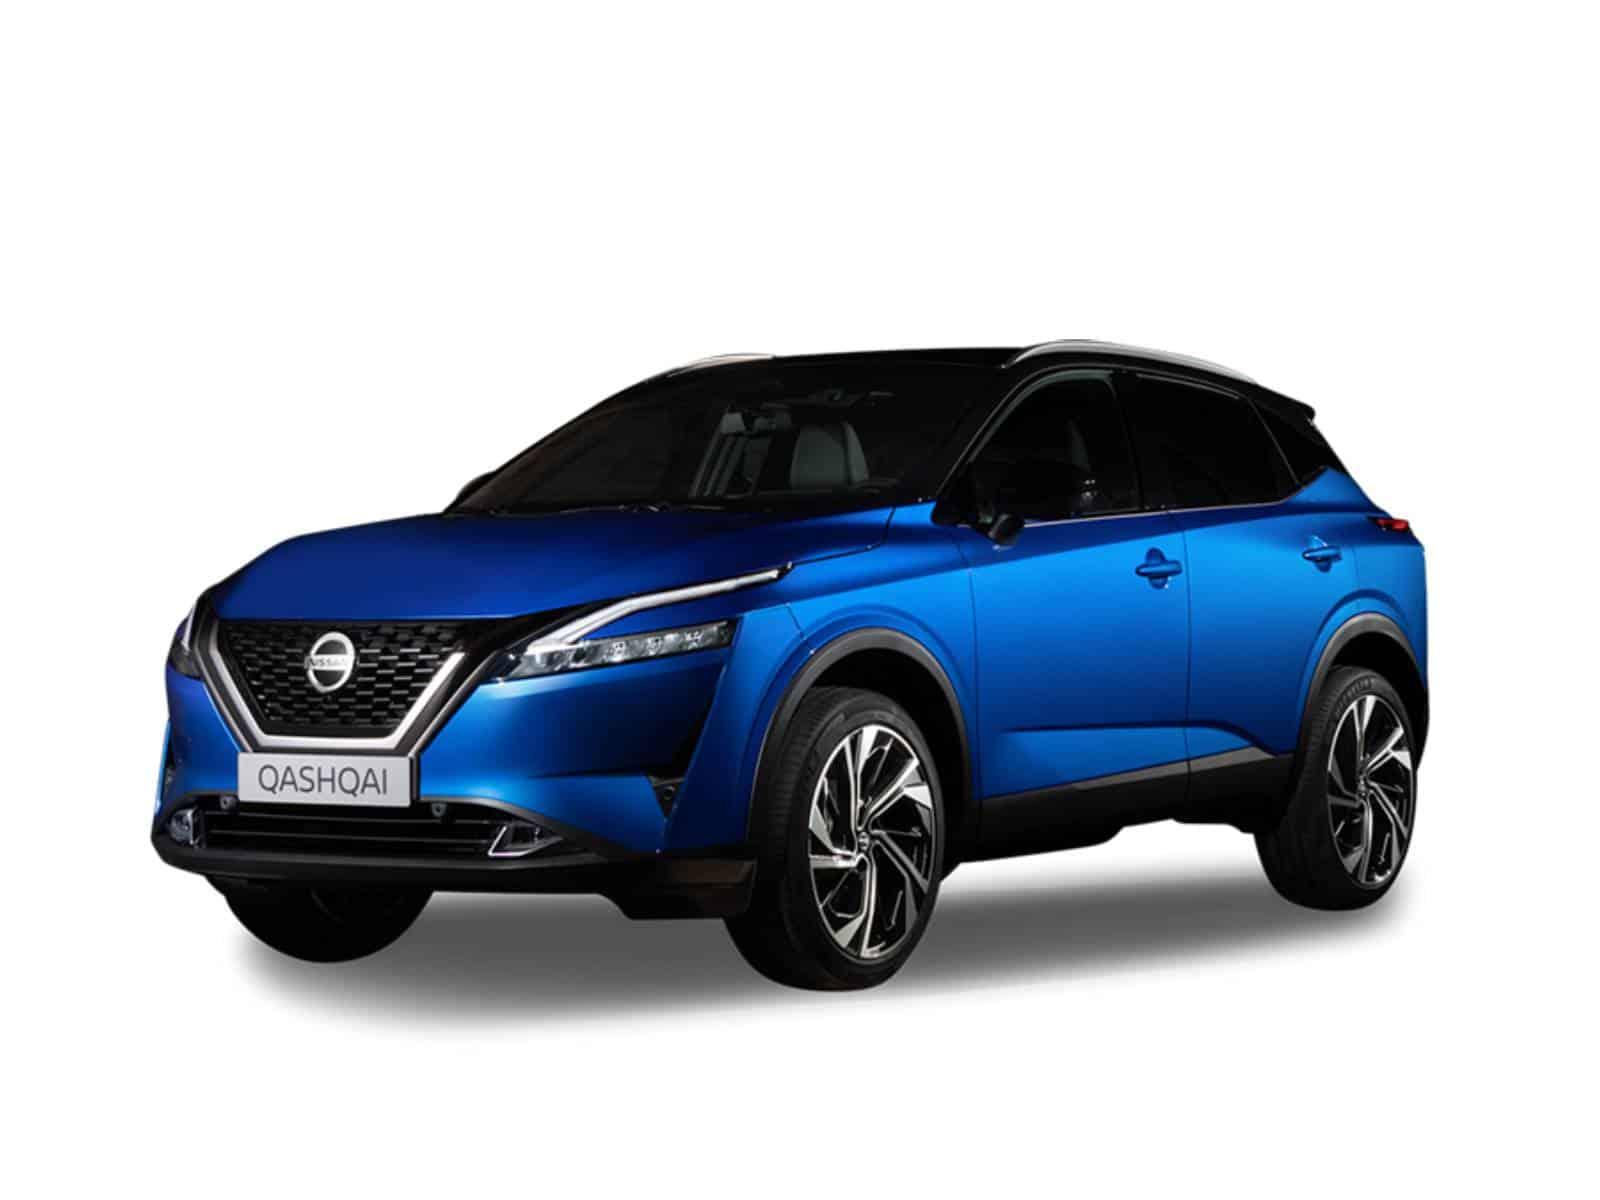 Nissan Qashqai 1.3 Mild-Hybrid 140 N-CONNECTA MT 5d